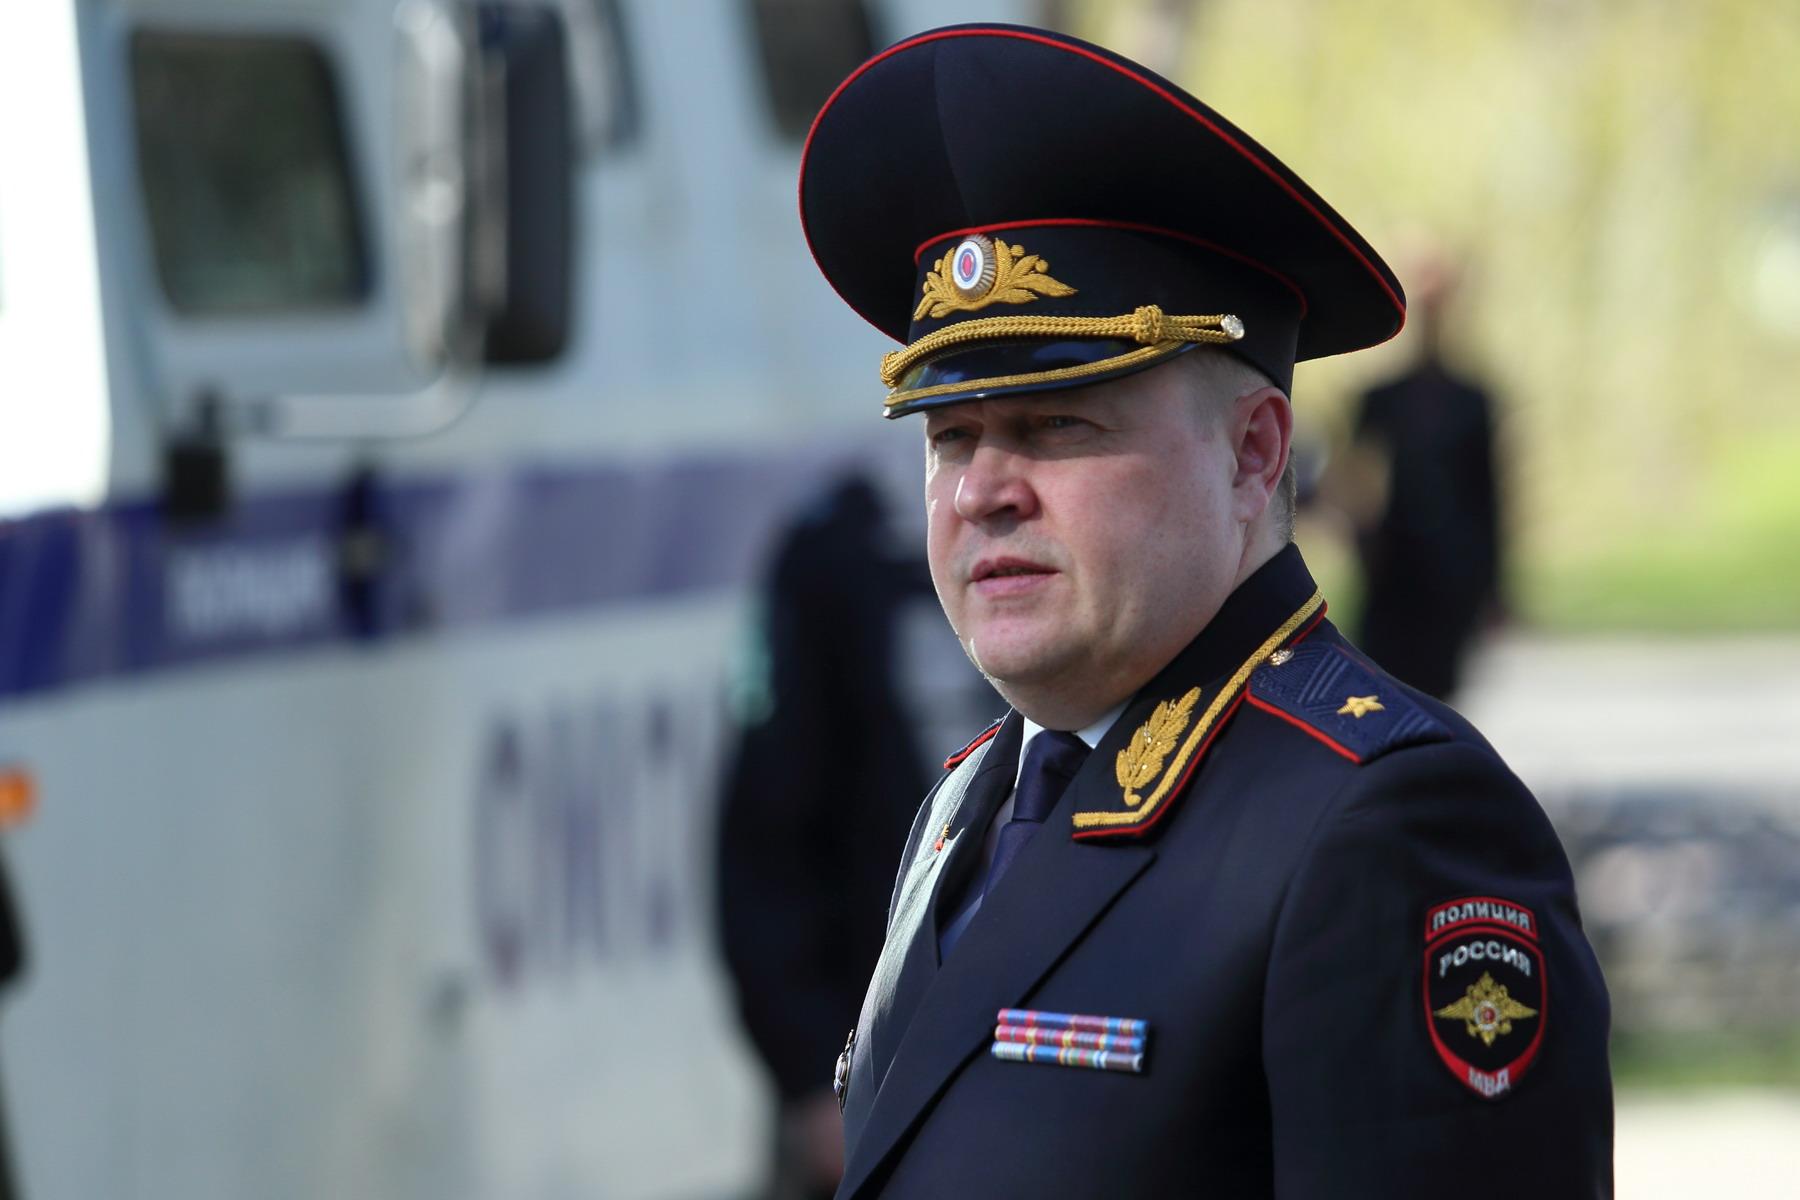 Глава УМВД Томской области Игорь Митрофанов вышел на пенcию